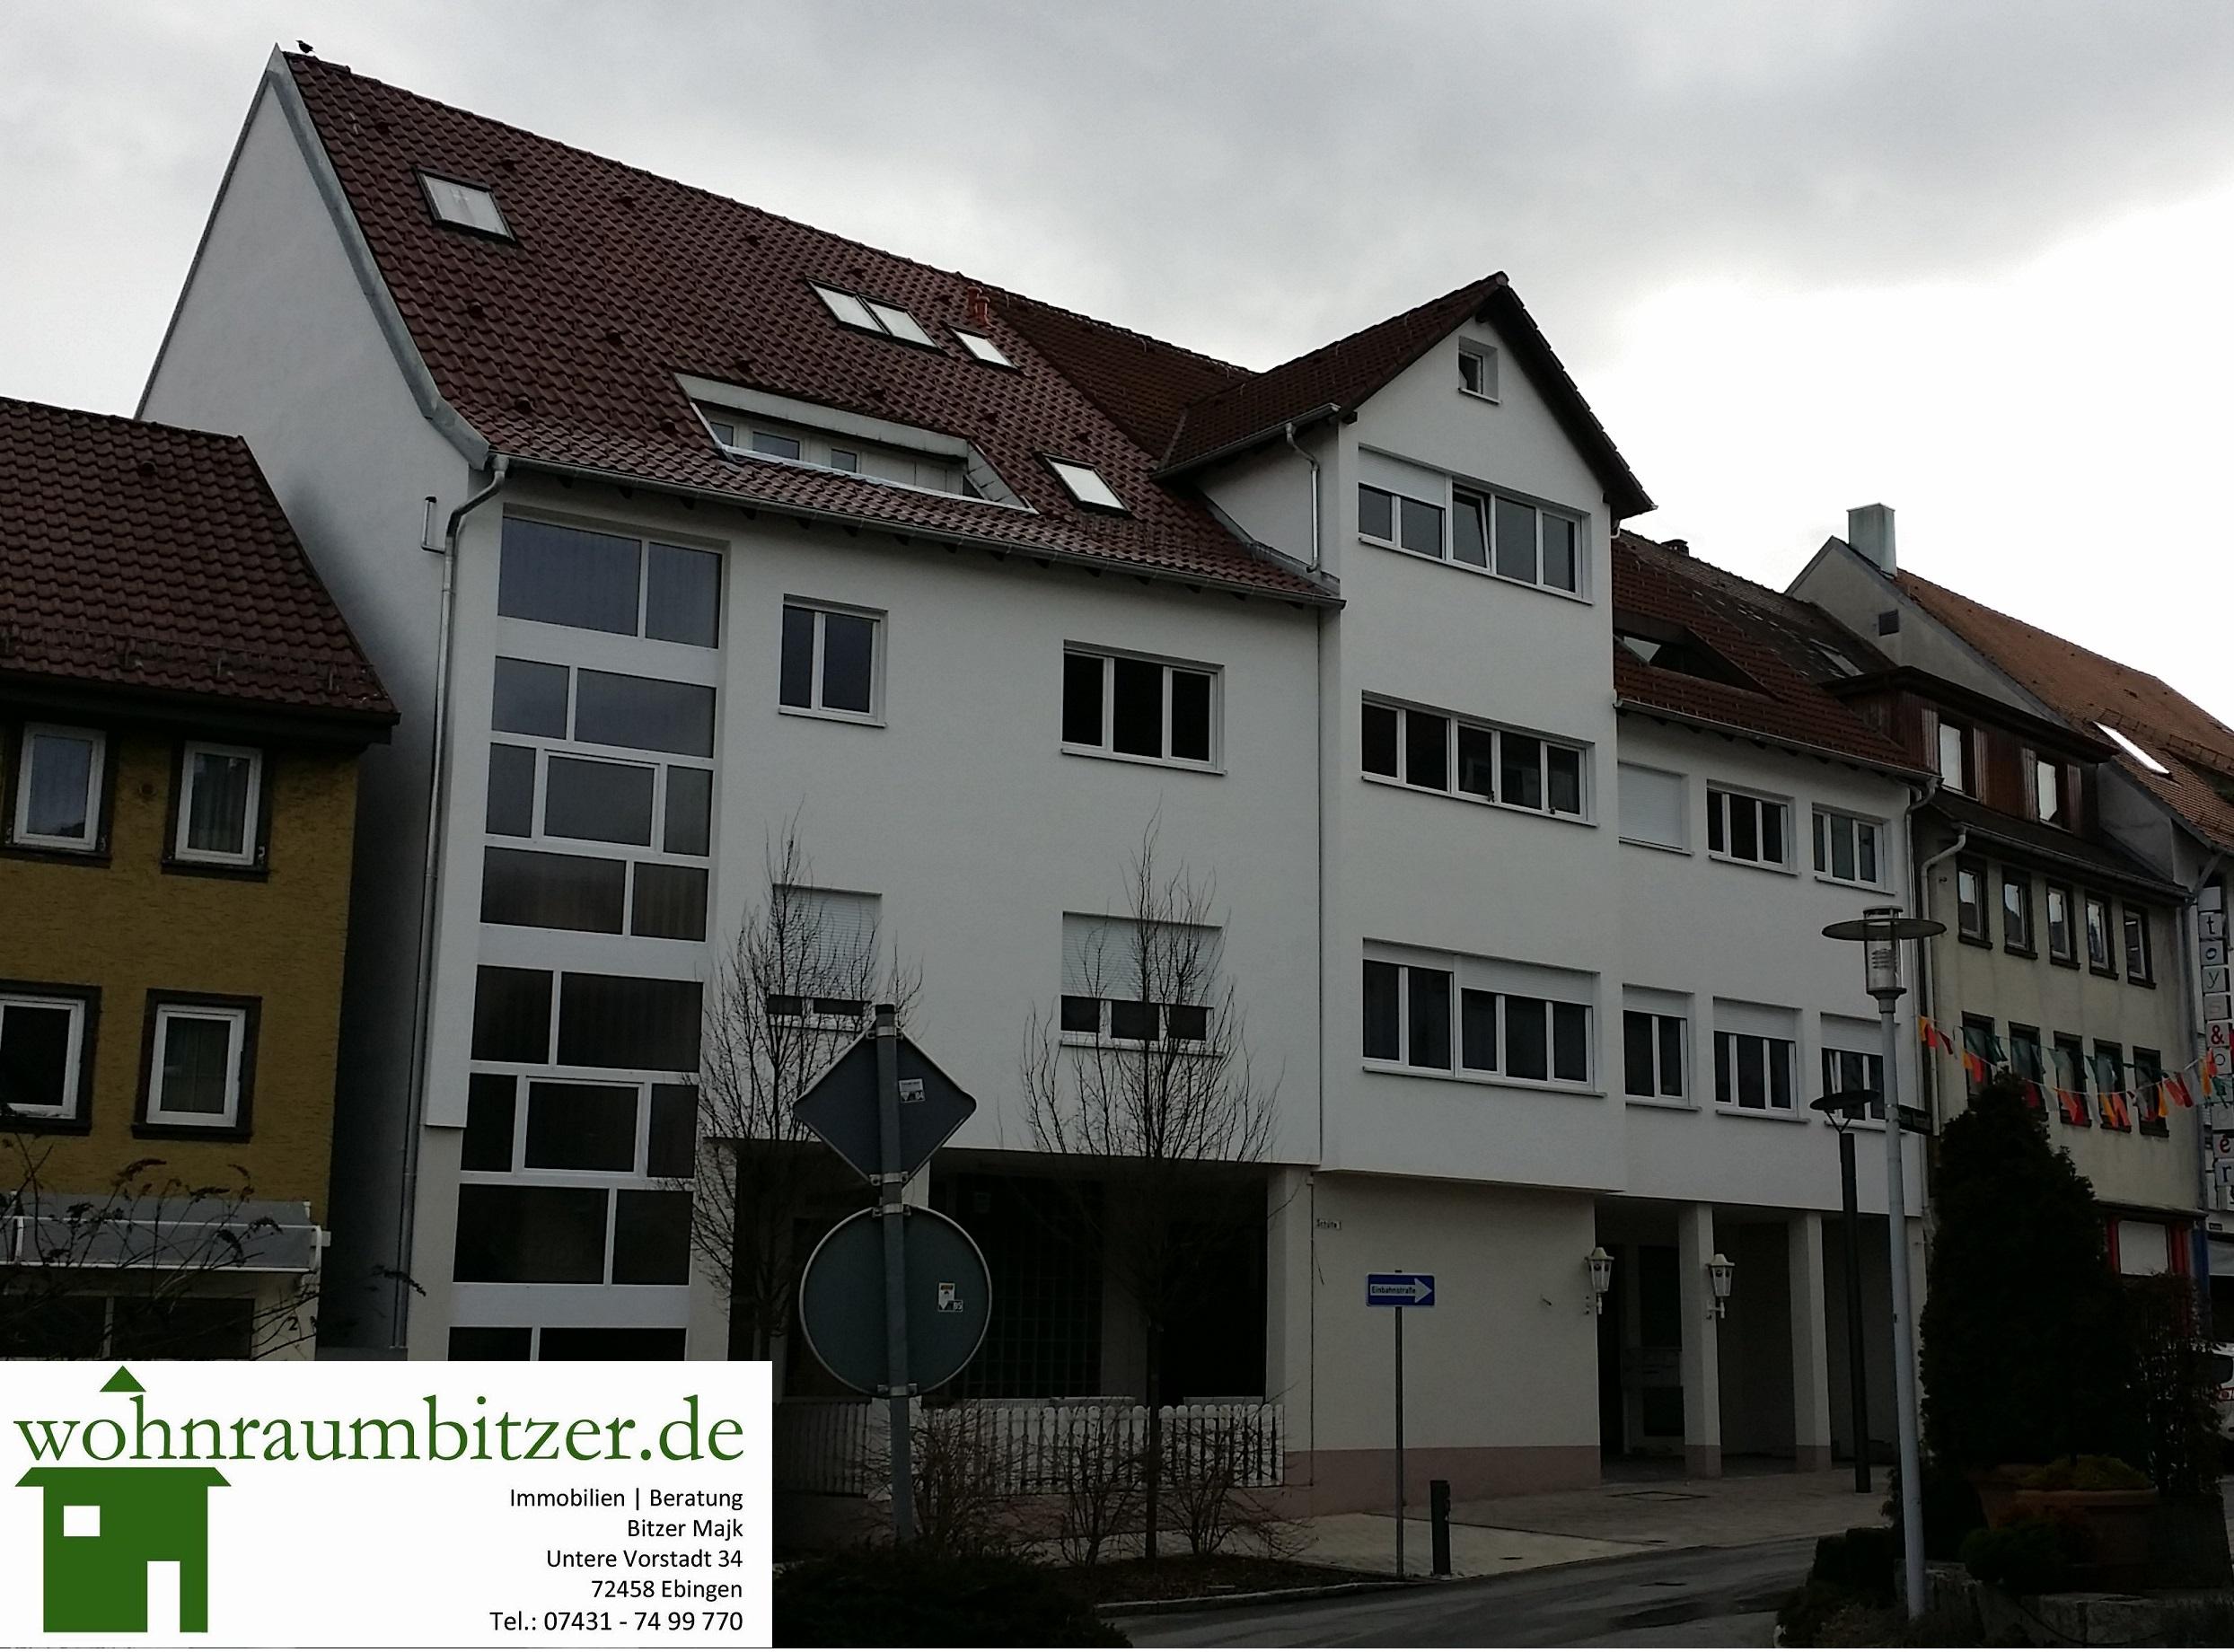 Restaurant Ebingen nahe Fußgängerzone zu vermieten